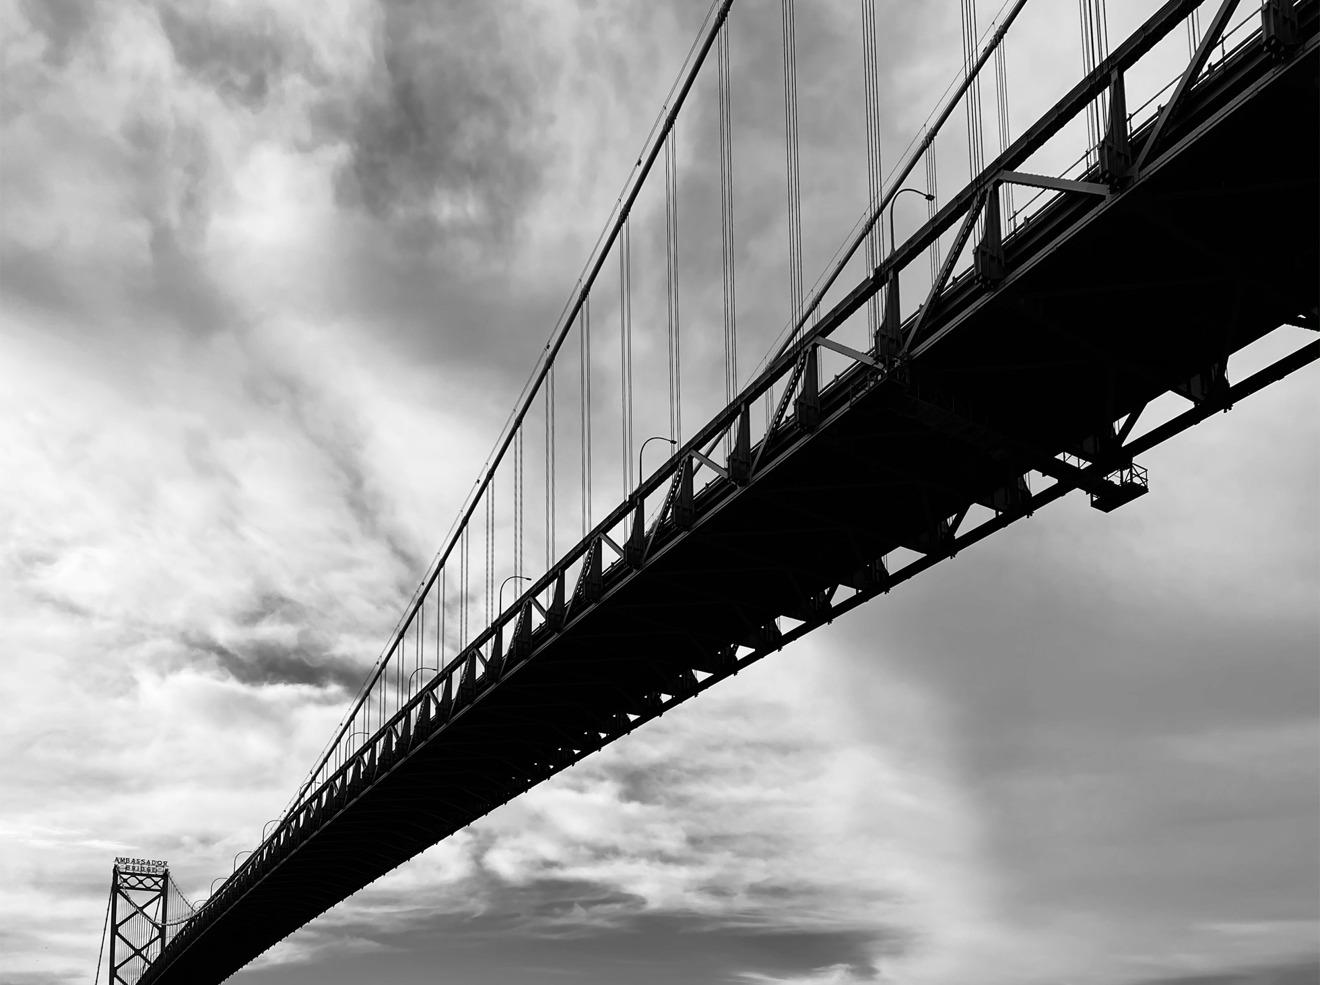 Puente Ambassador, Detroit |  Crédito de la imagen: Bryan Day